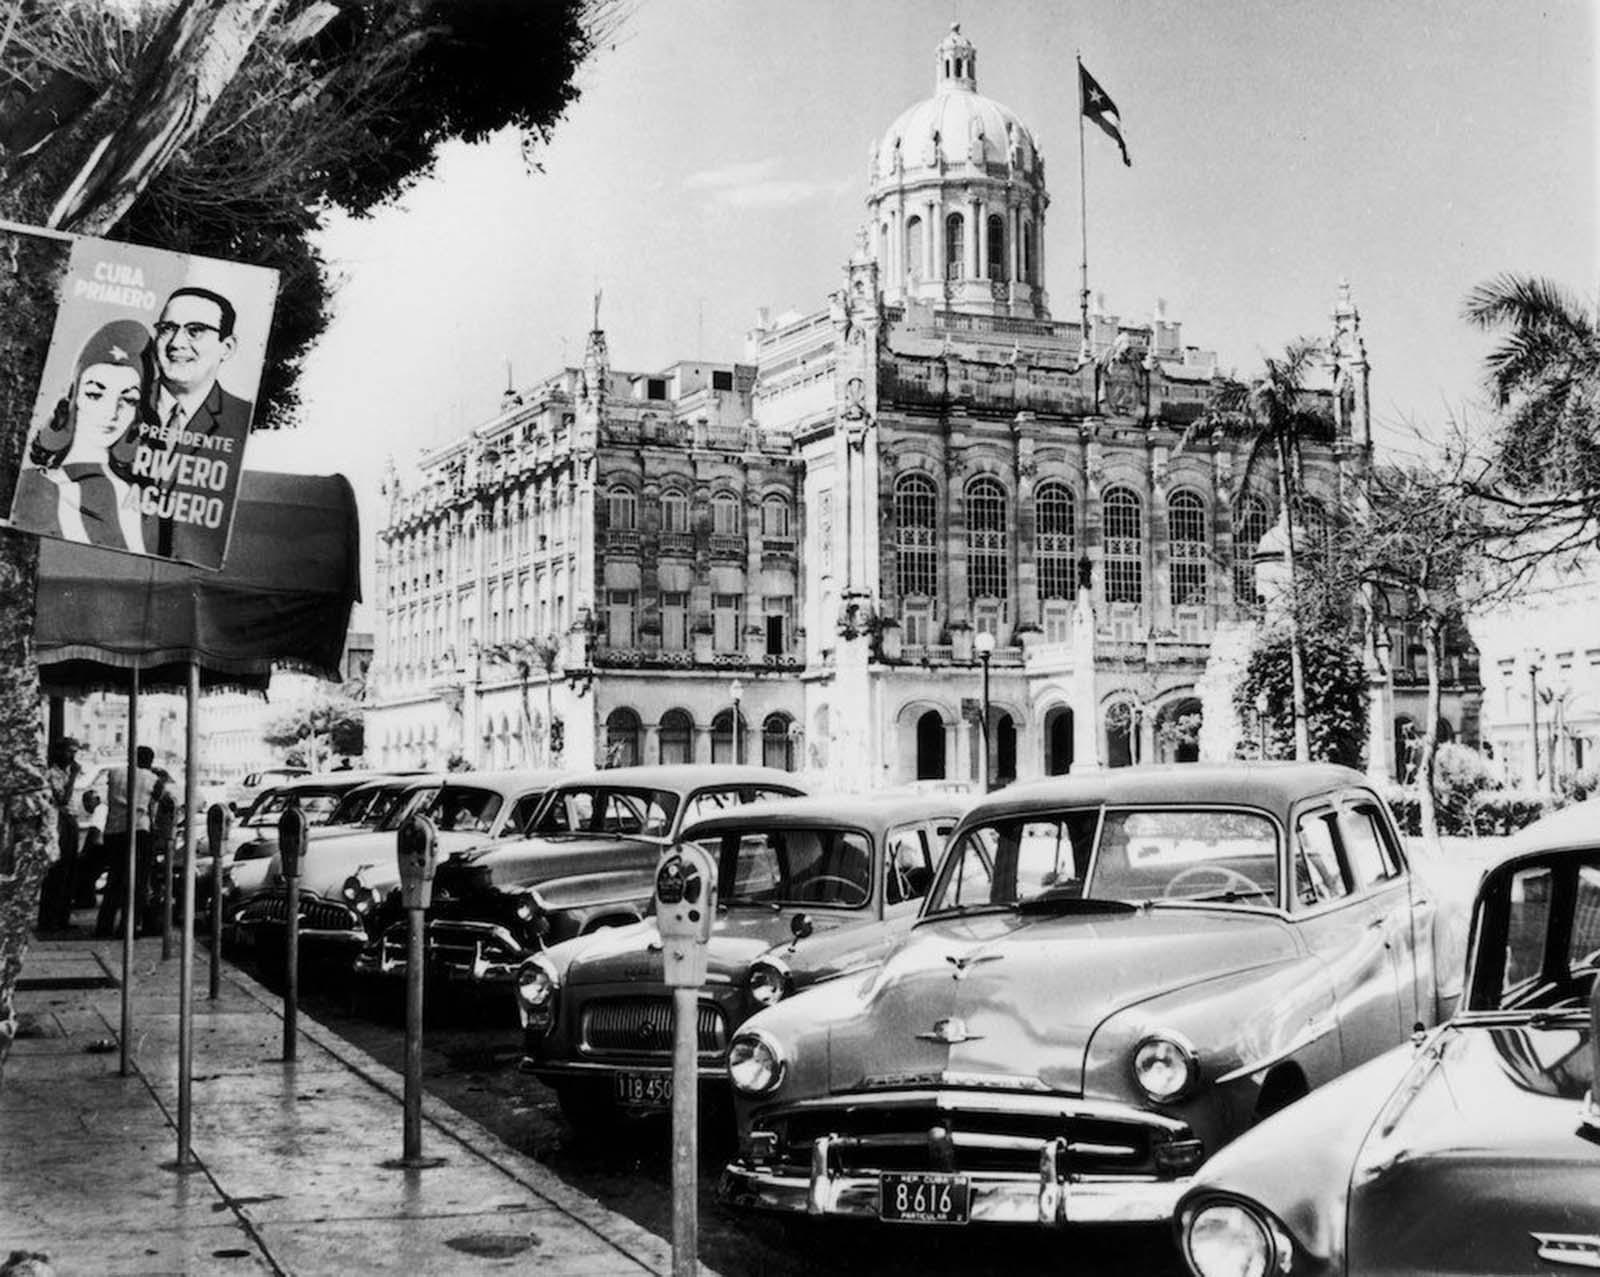 President Batista's palace in Havana. 1958.